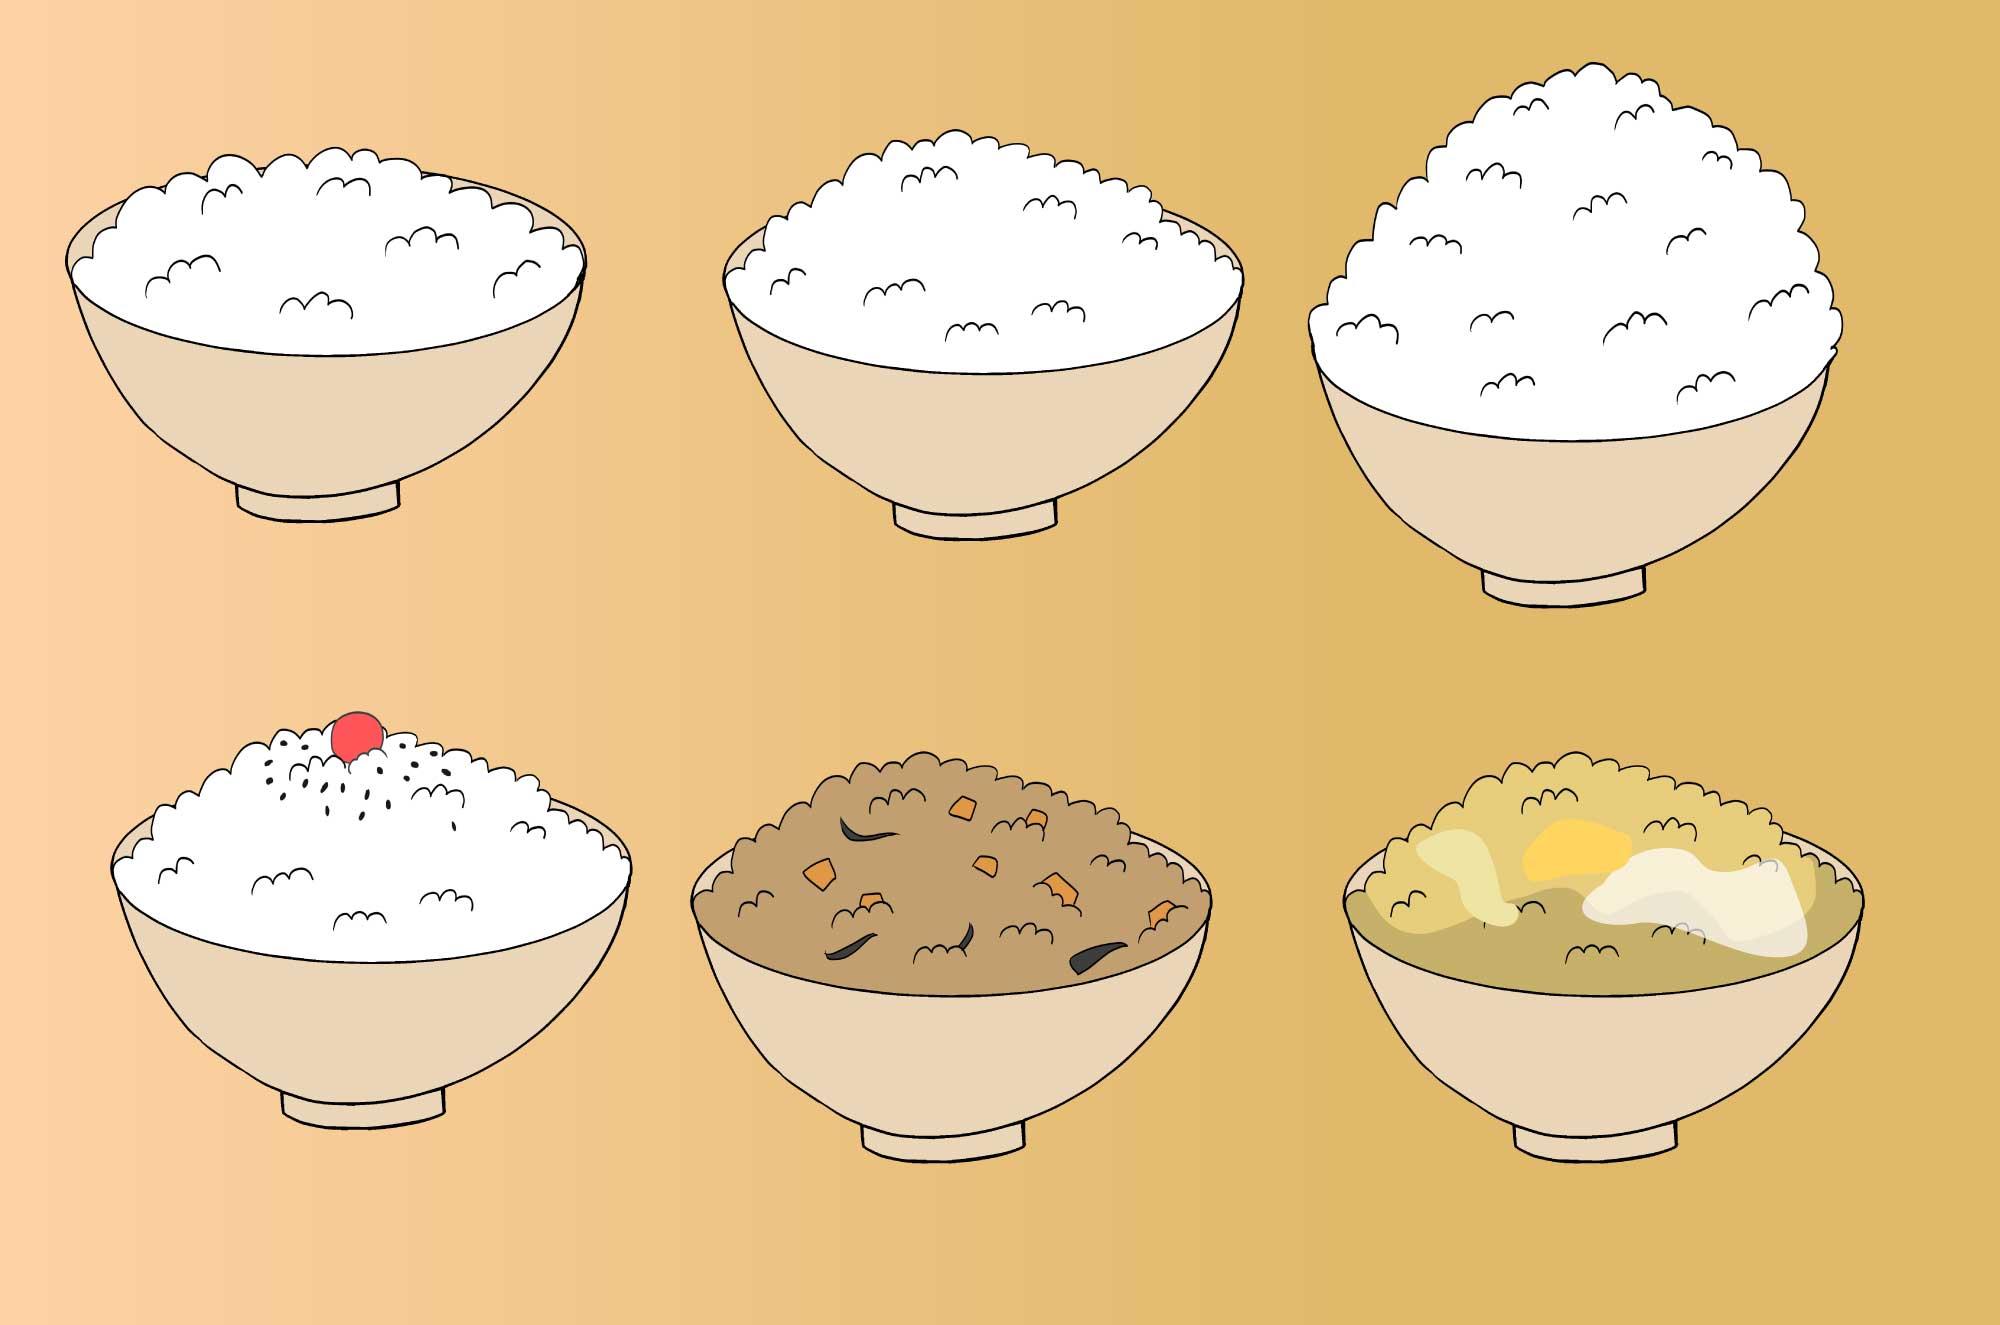 ほかほかご飯の無料イラスト 和食の食べ物素材 チコデザ